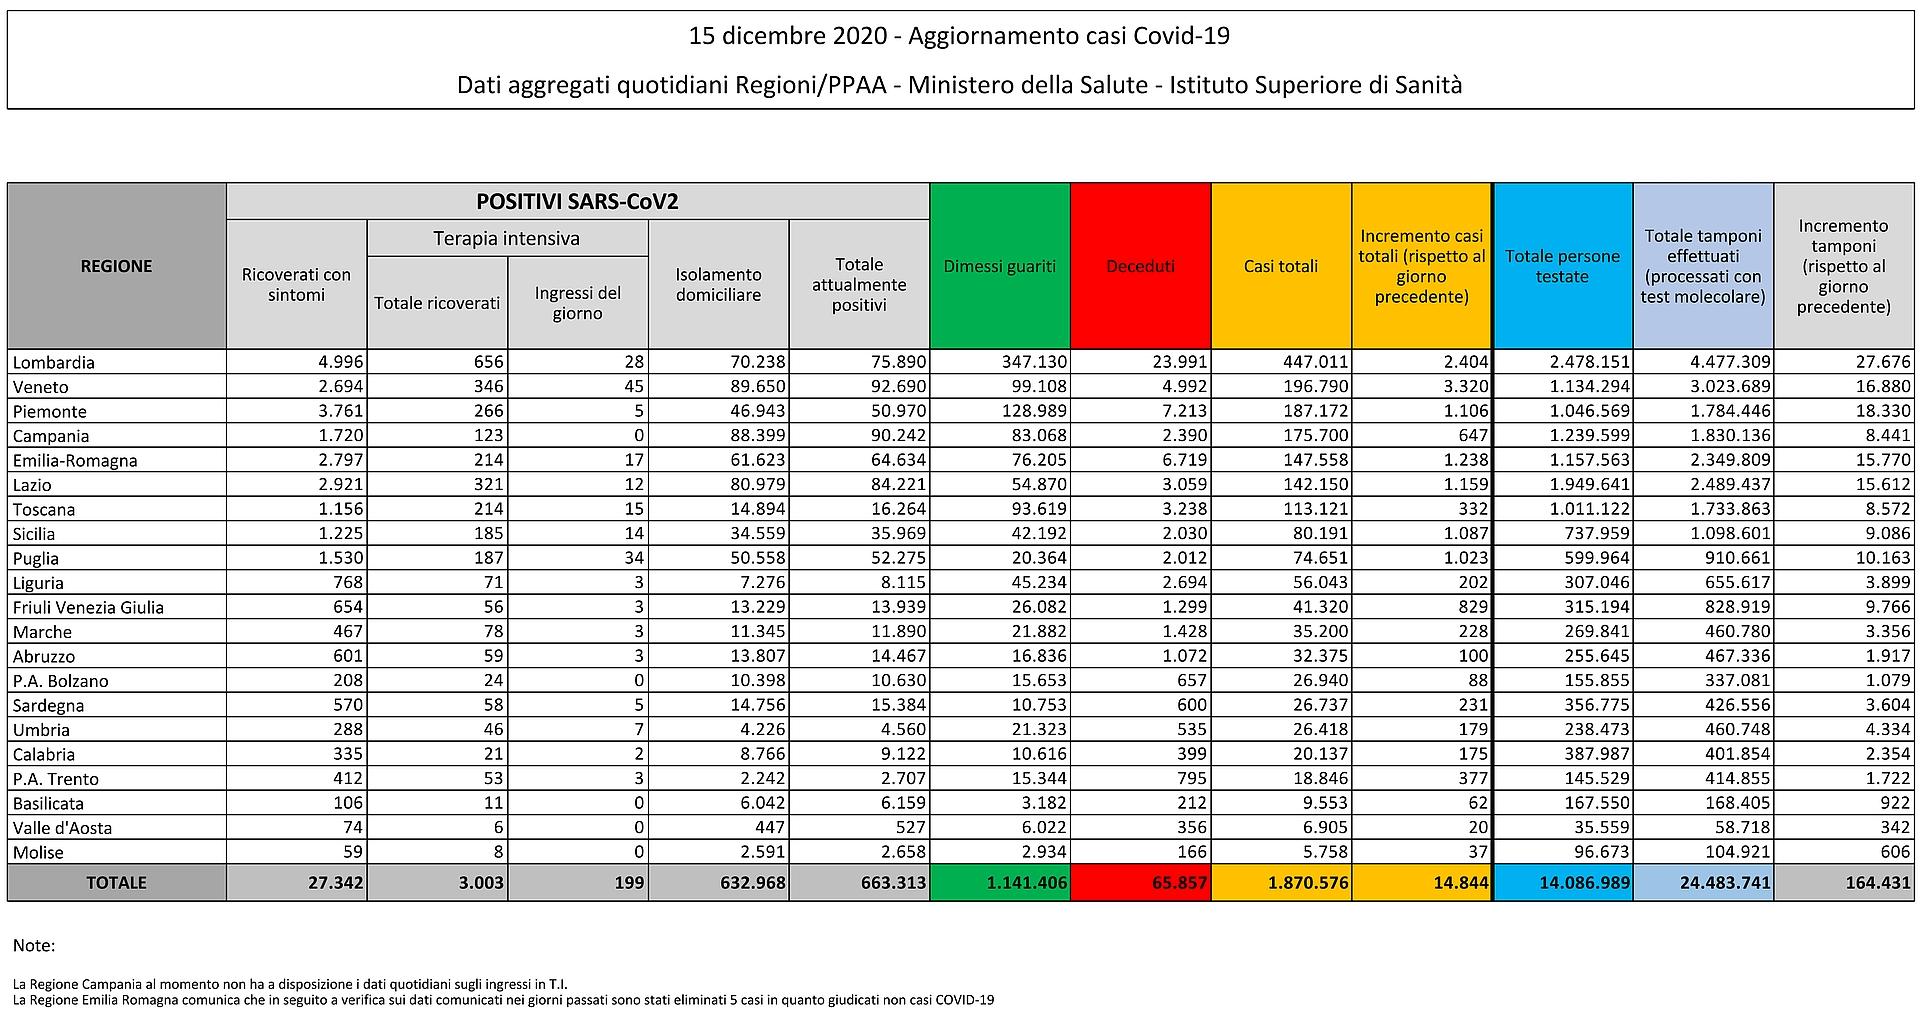 15 dicembre 2020 - Aggiornamento casi Covid-19 Dati aggregati quotidiani Regioni/PPAA - Ministero della Salute - Istituto Superiore di Sanità